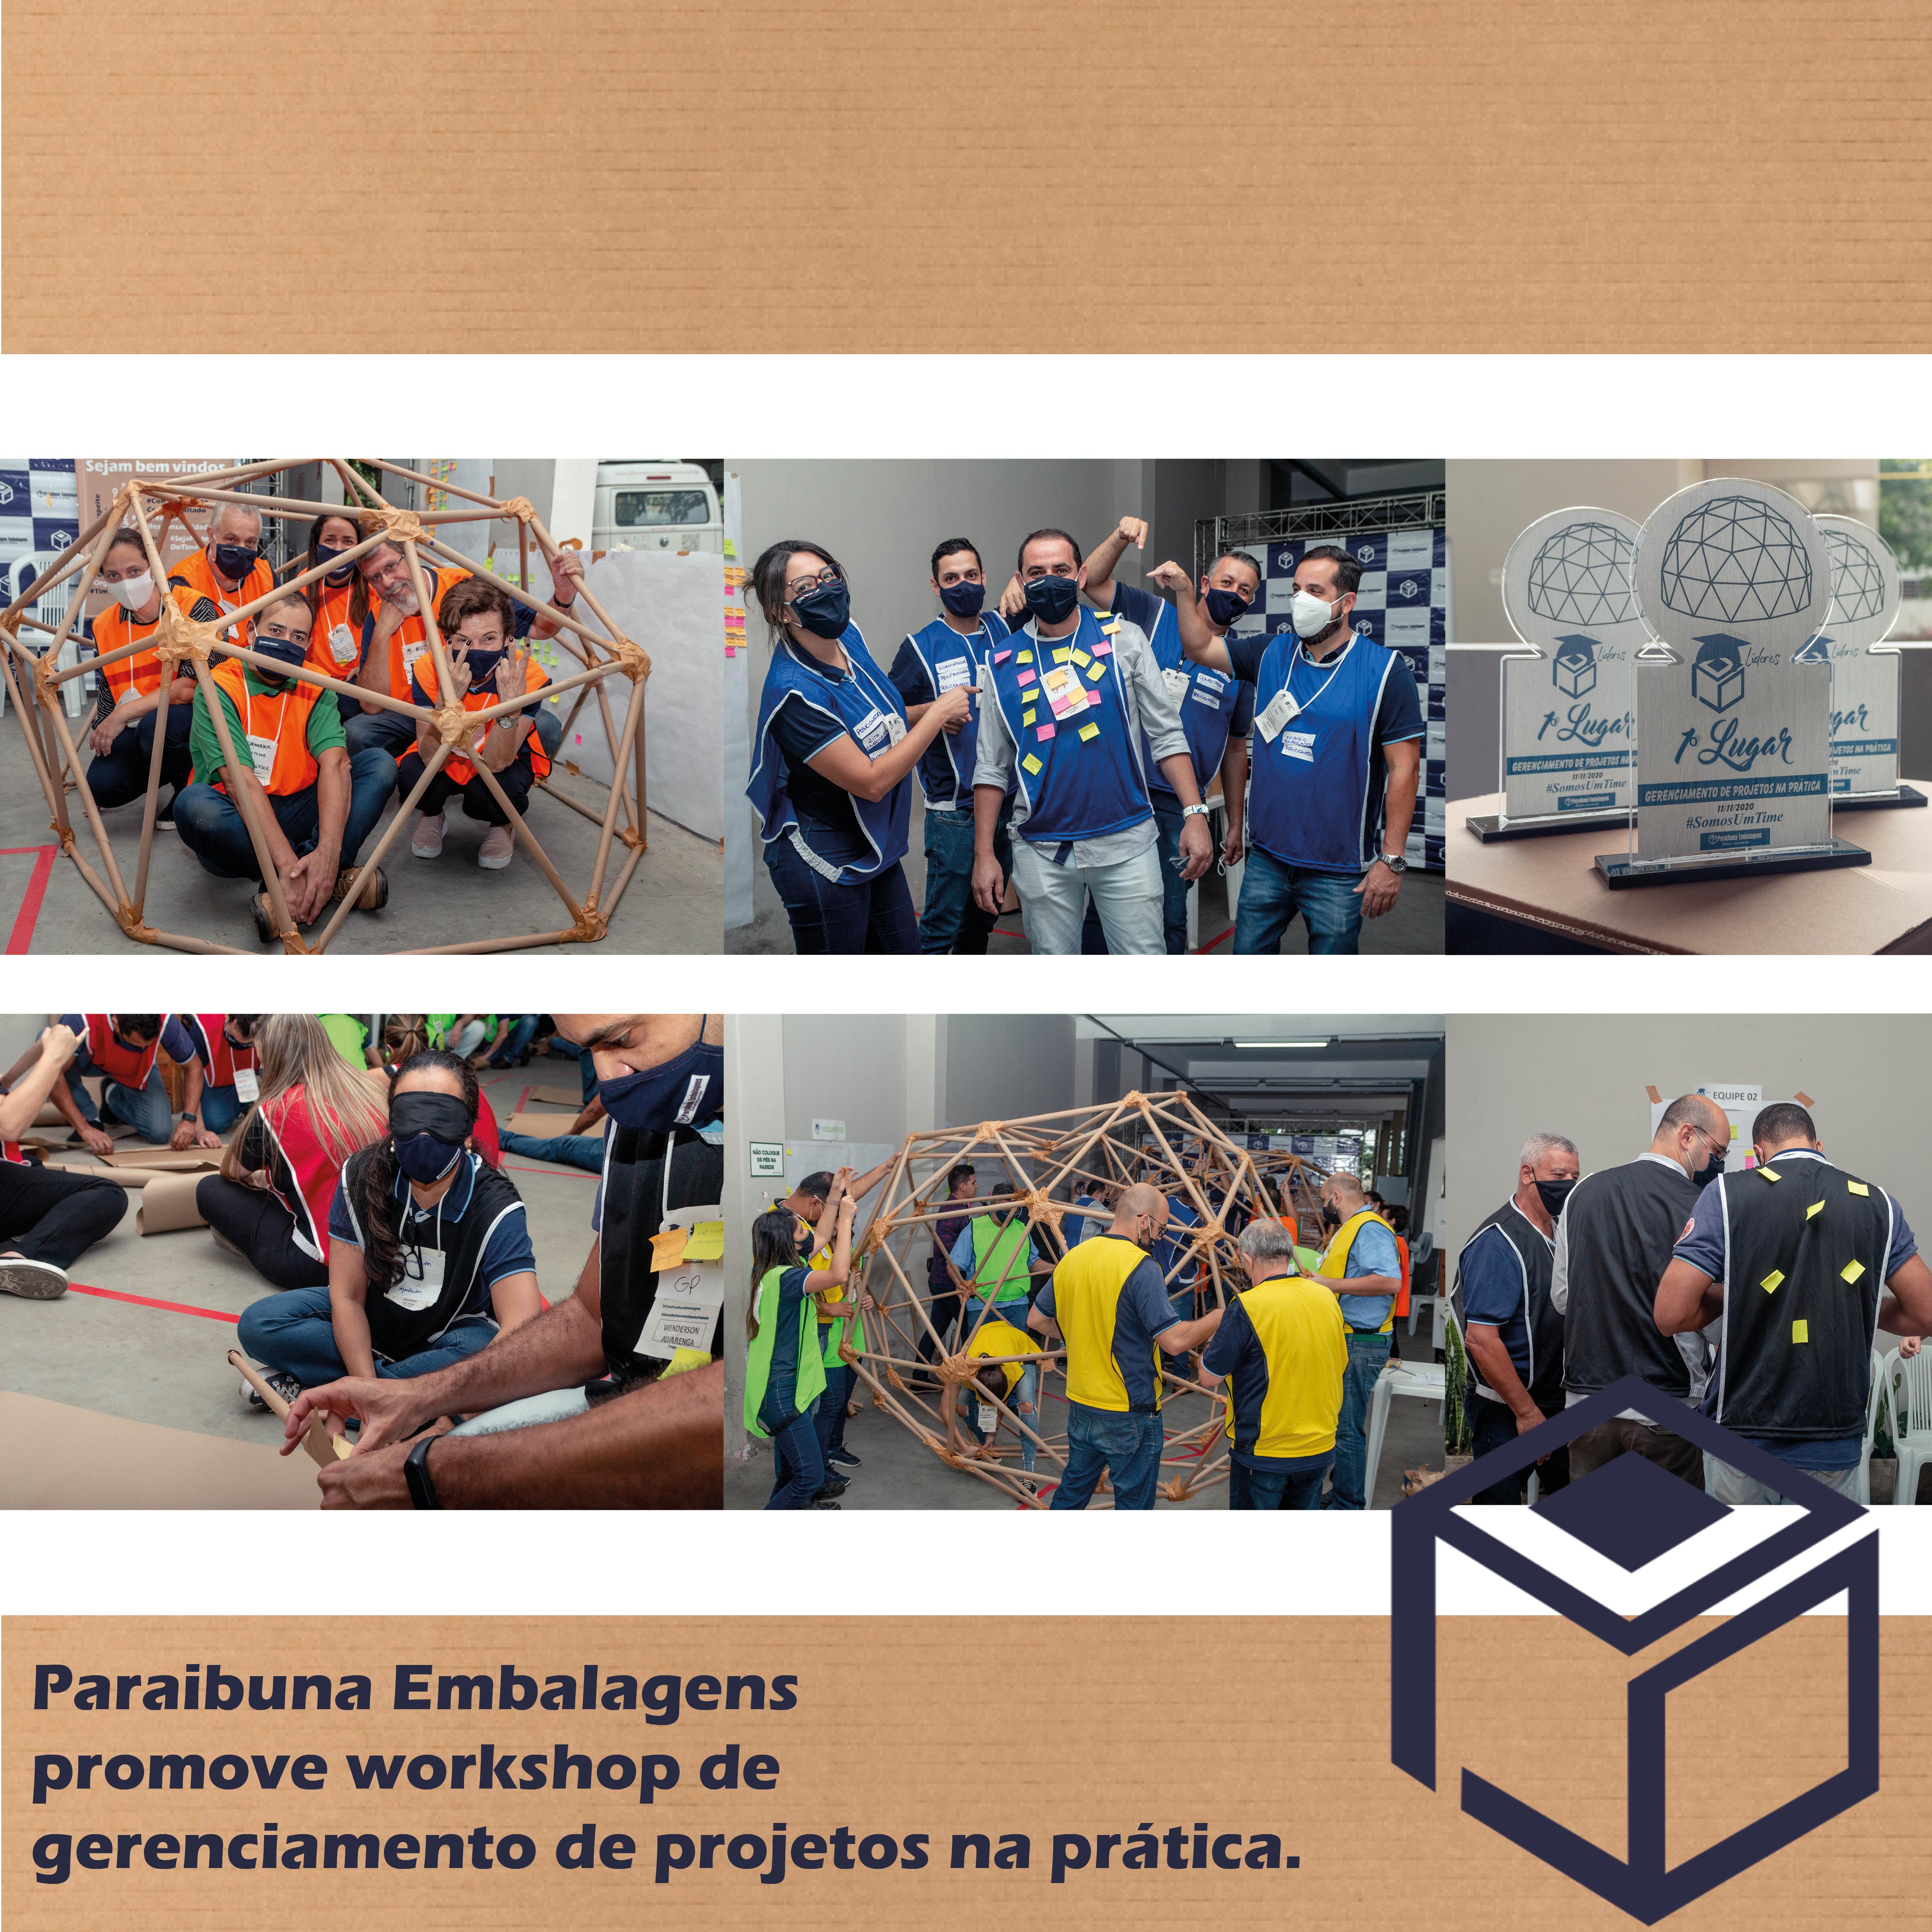 Paraibuna Embalagens promove workshop de gerenciamento de projetos na prática.